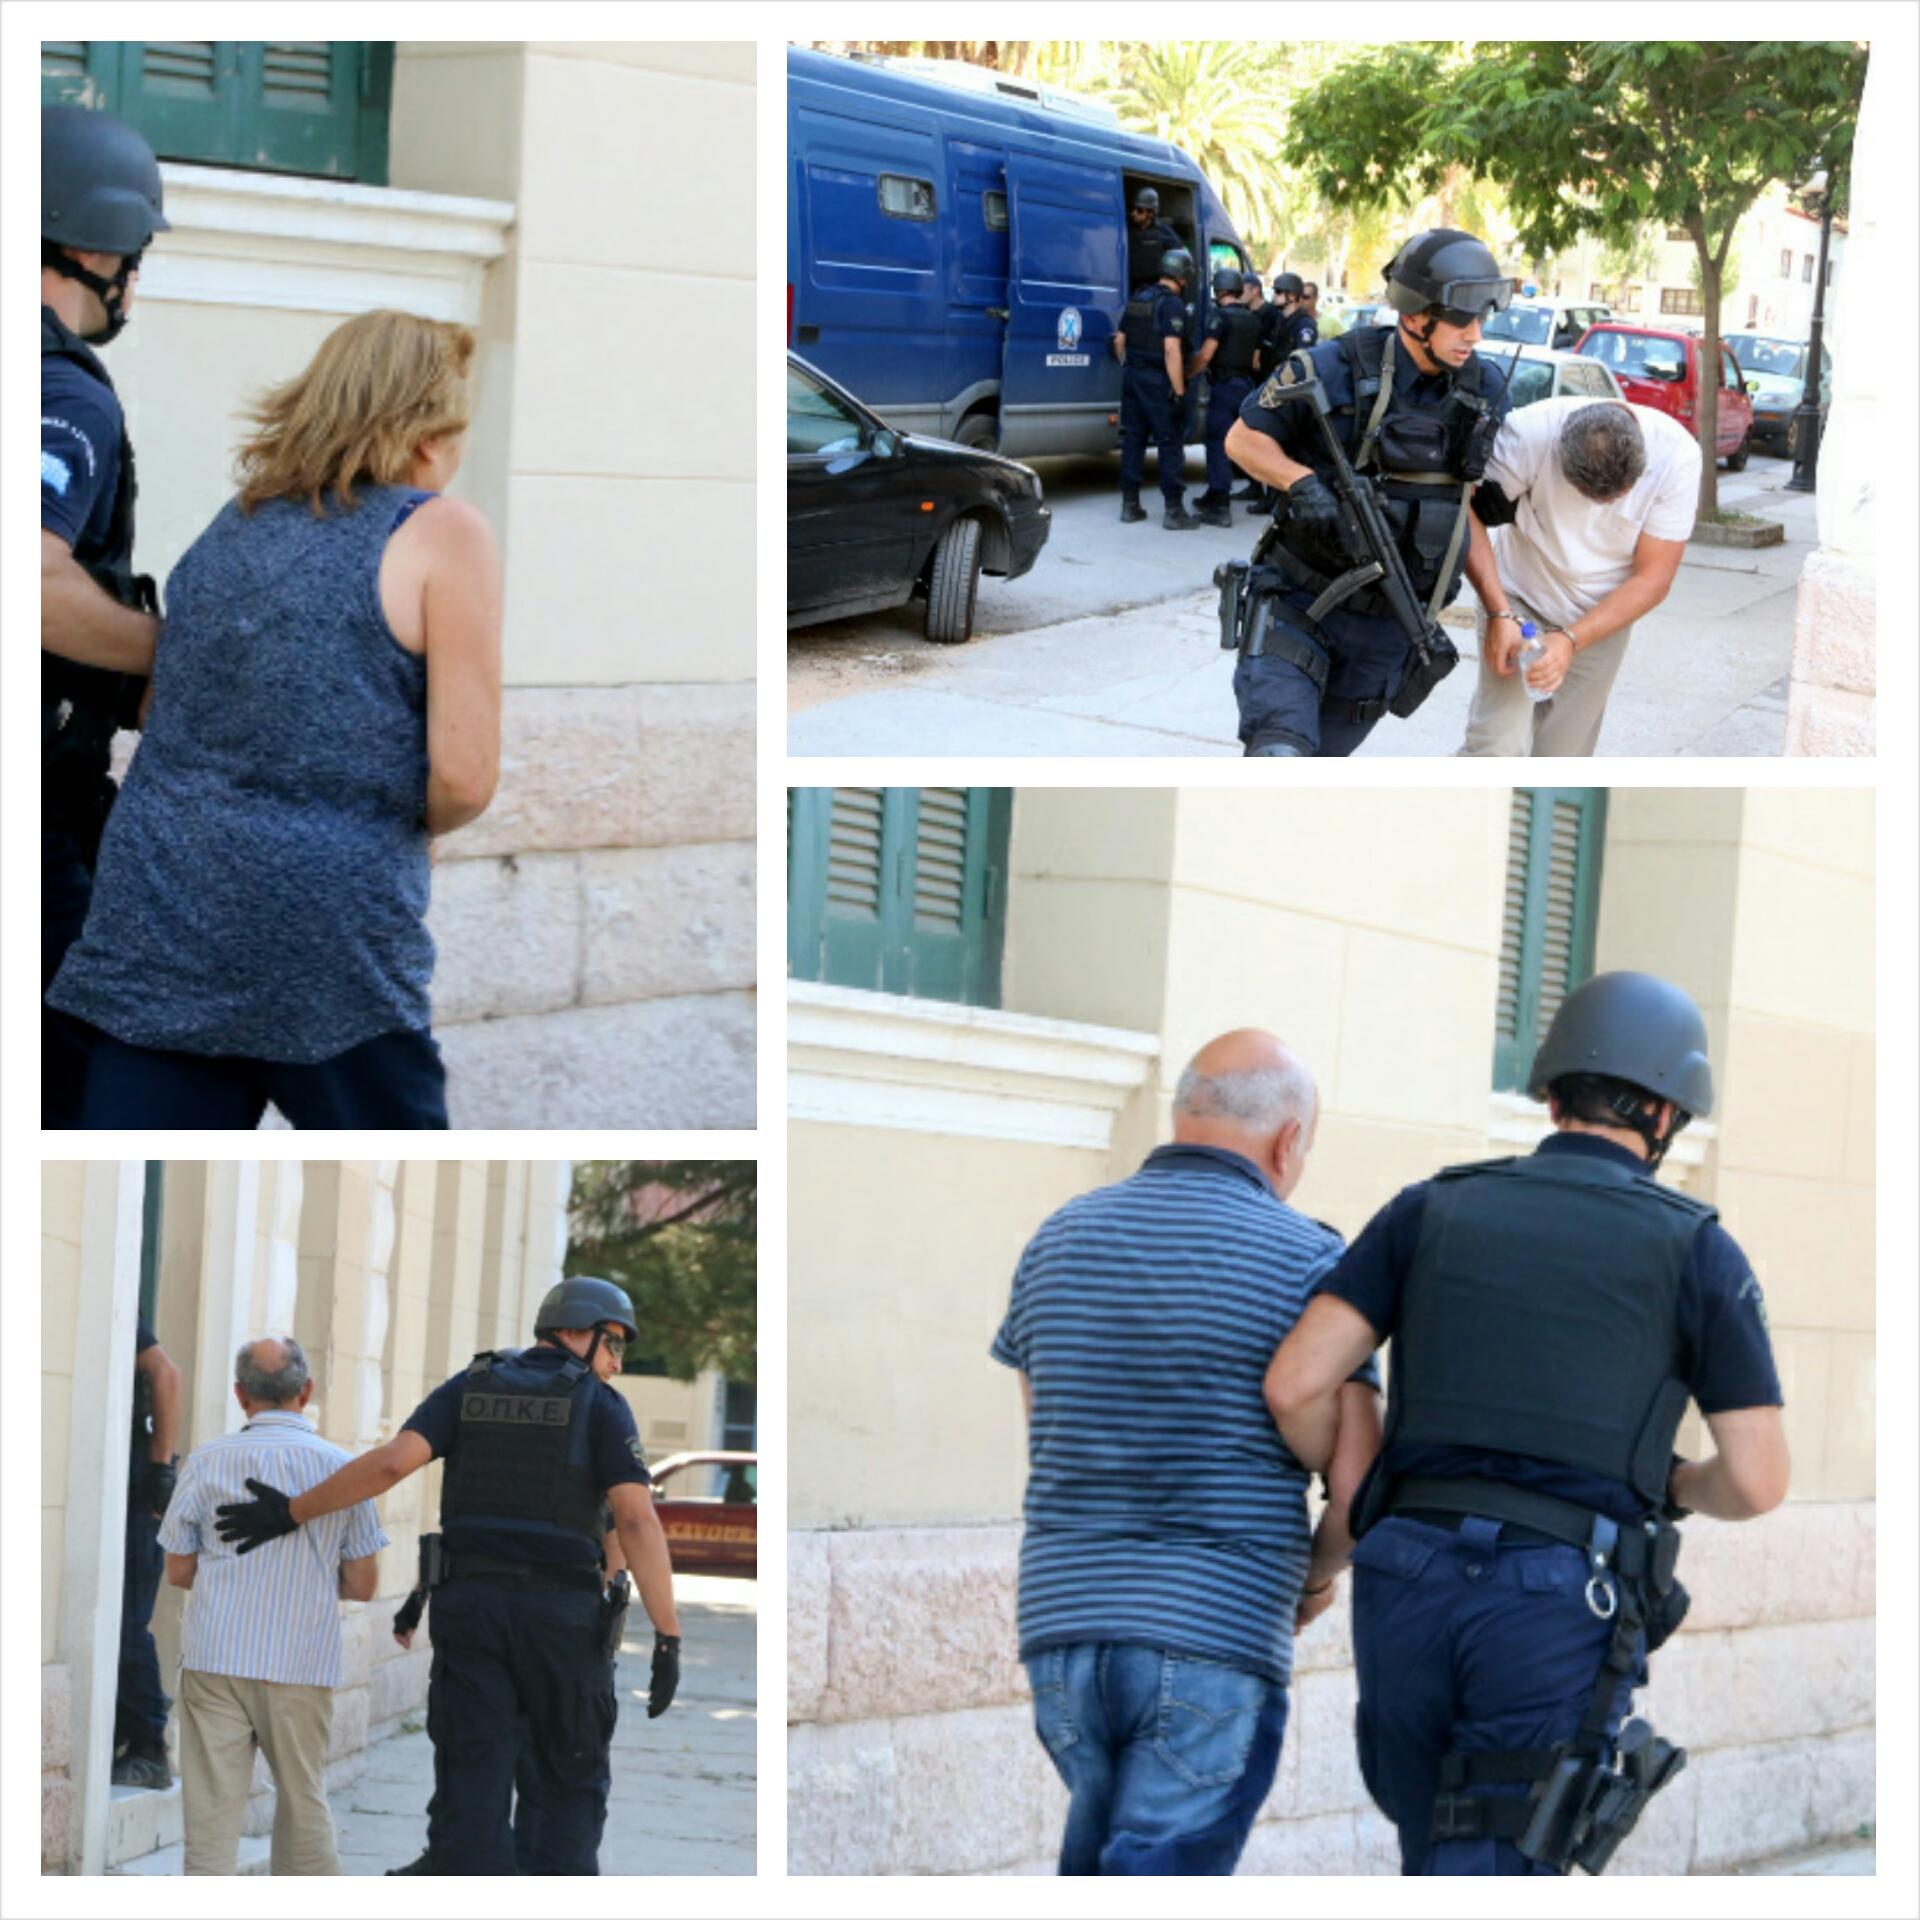 ΑΣΤΡΟΣ_ΚΥΝΟΥΡΙΑΣ εγκλημα